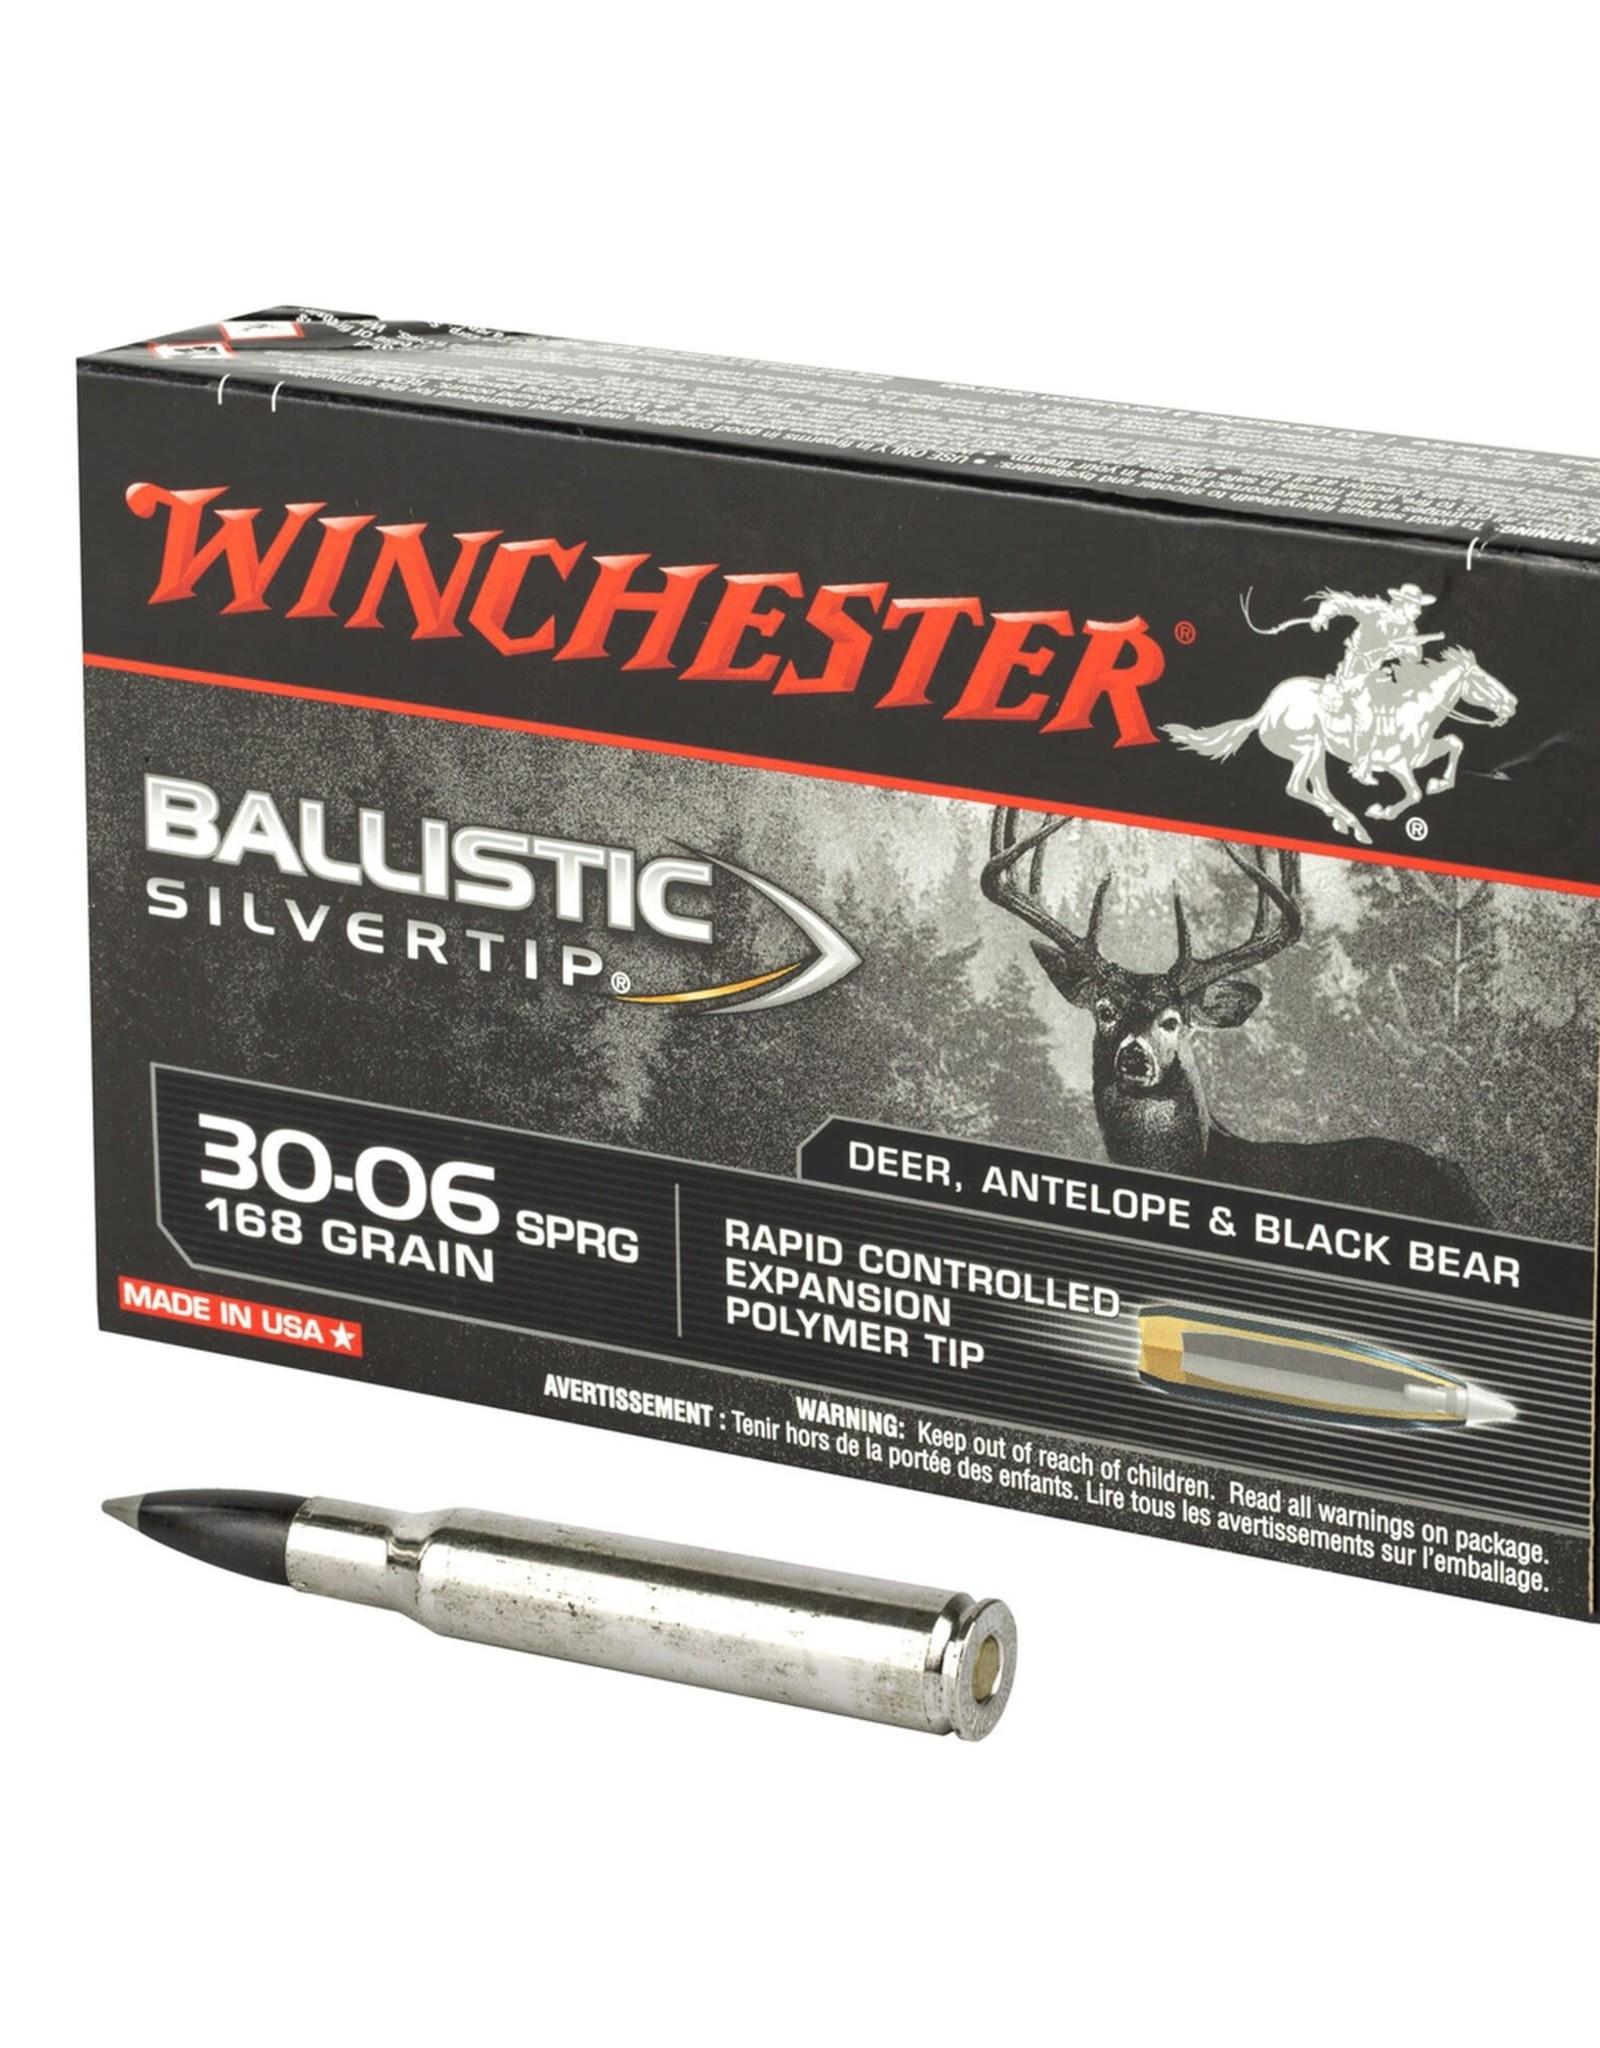 Winchester 30-06 Ballistic Silvertip 168 GR